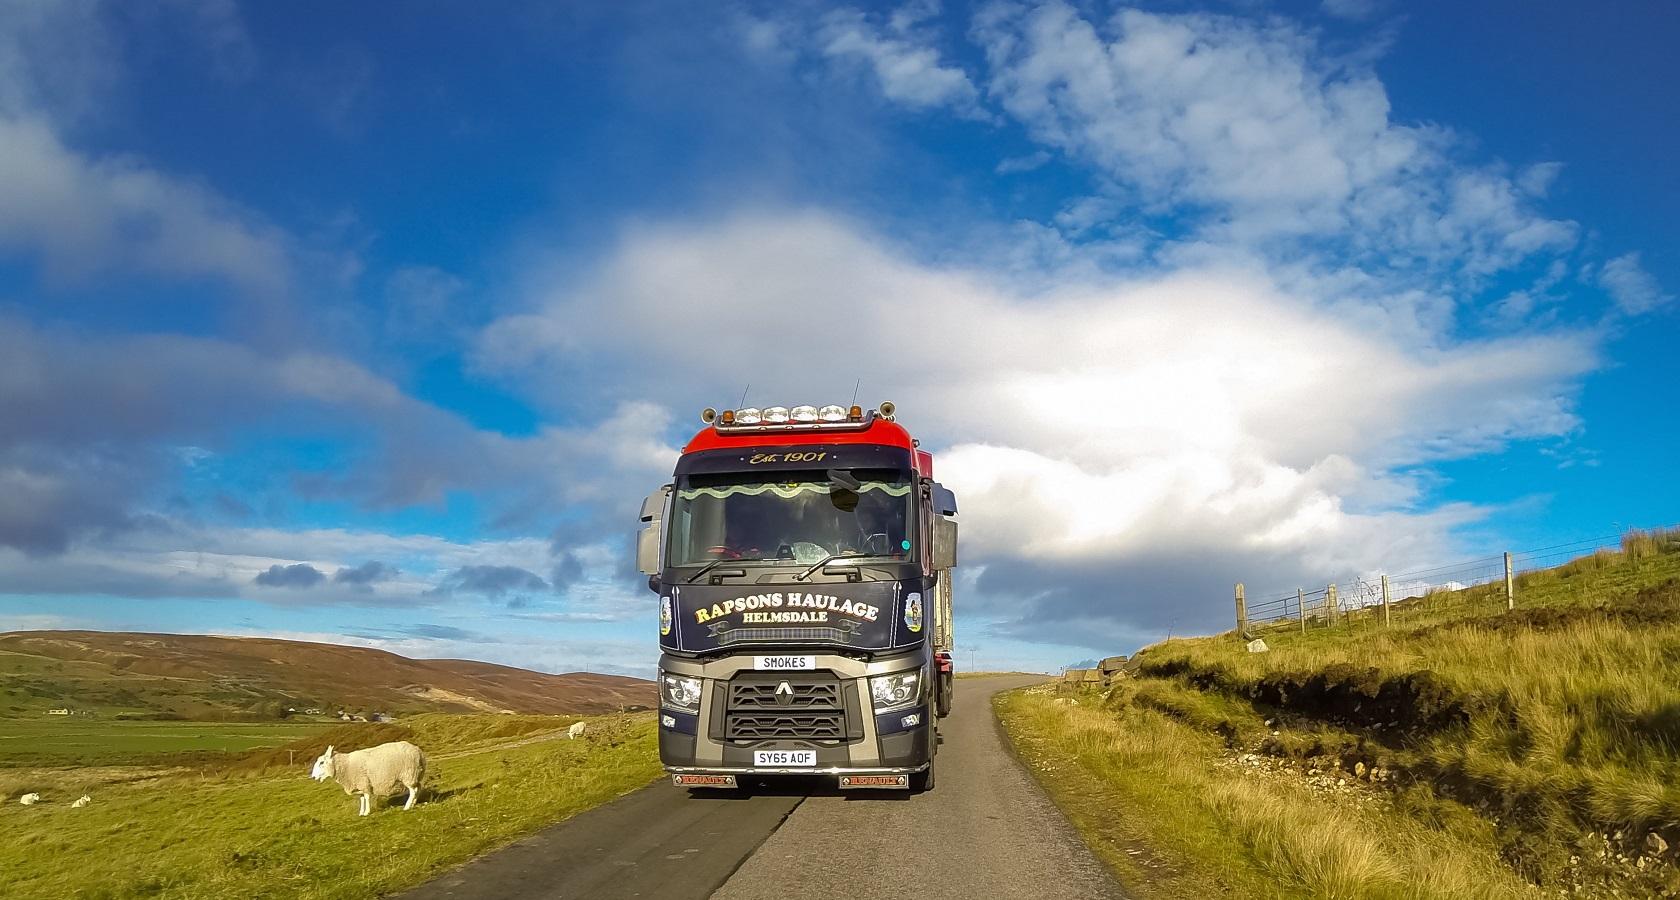 Cнижение объема автотранспортных грузовых отправлений в ЕС компенсируется увеличением экспорта из России (фото: Renault Trucks)